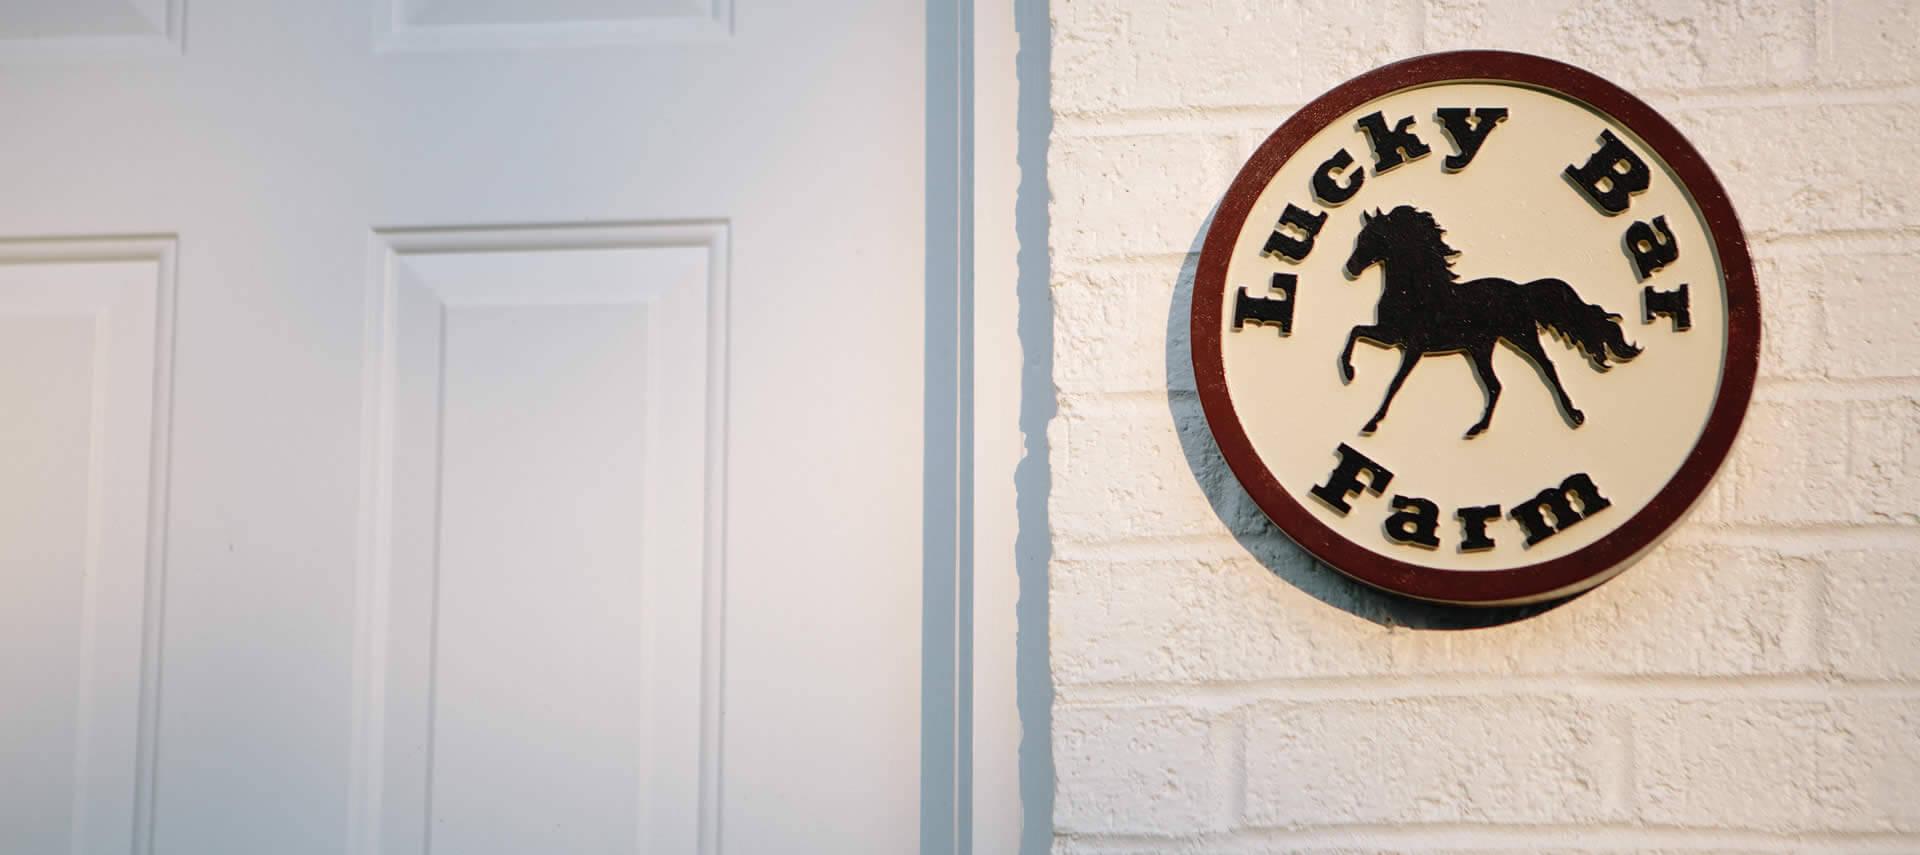 Lucky Bar Farm logo on a plaque ona white brick wall.